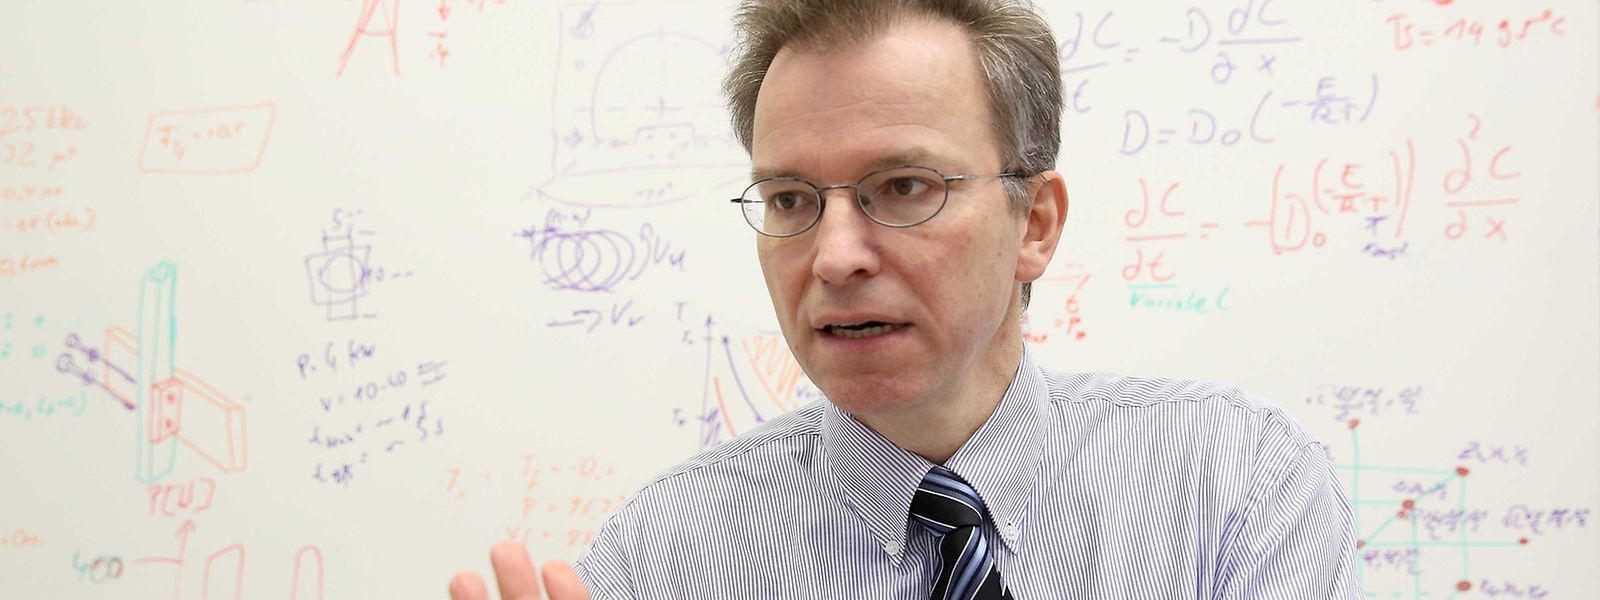 Der frühere General-Motors-Manager Peter Plapper hat seit 2010 einen Lehrstuhl für Fertigungstechnik an der Fakultät für Naturwissenschaften, Technik und Kommunikation (FSTC) der Universität Luxemburg.